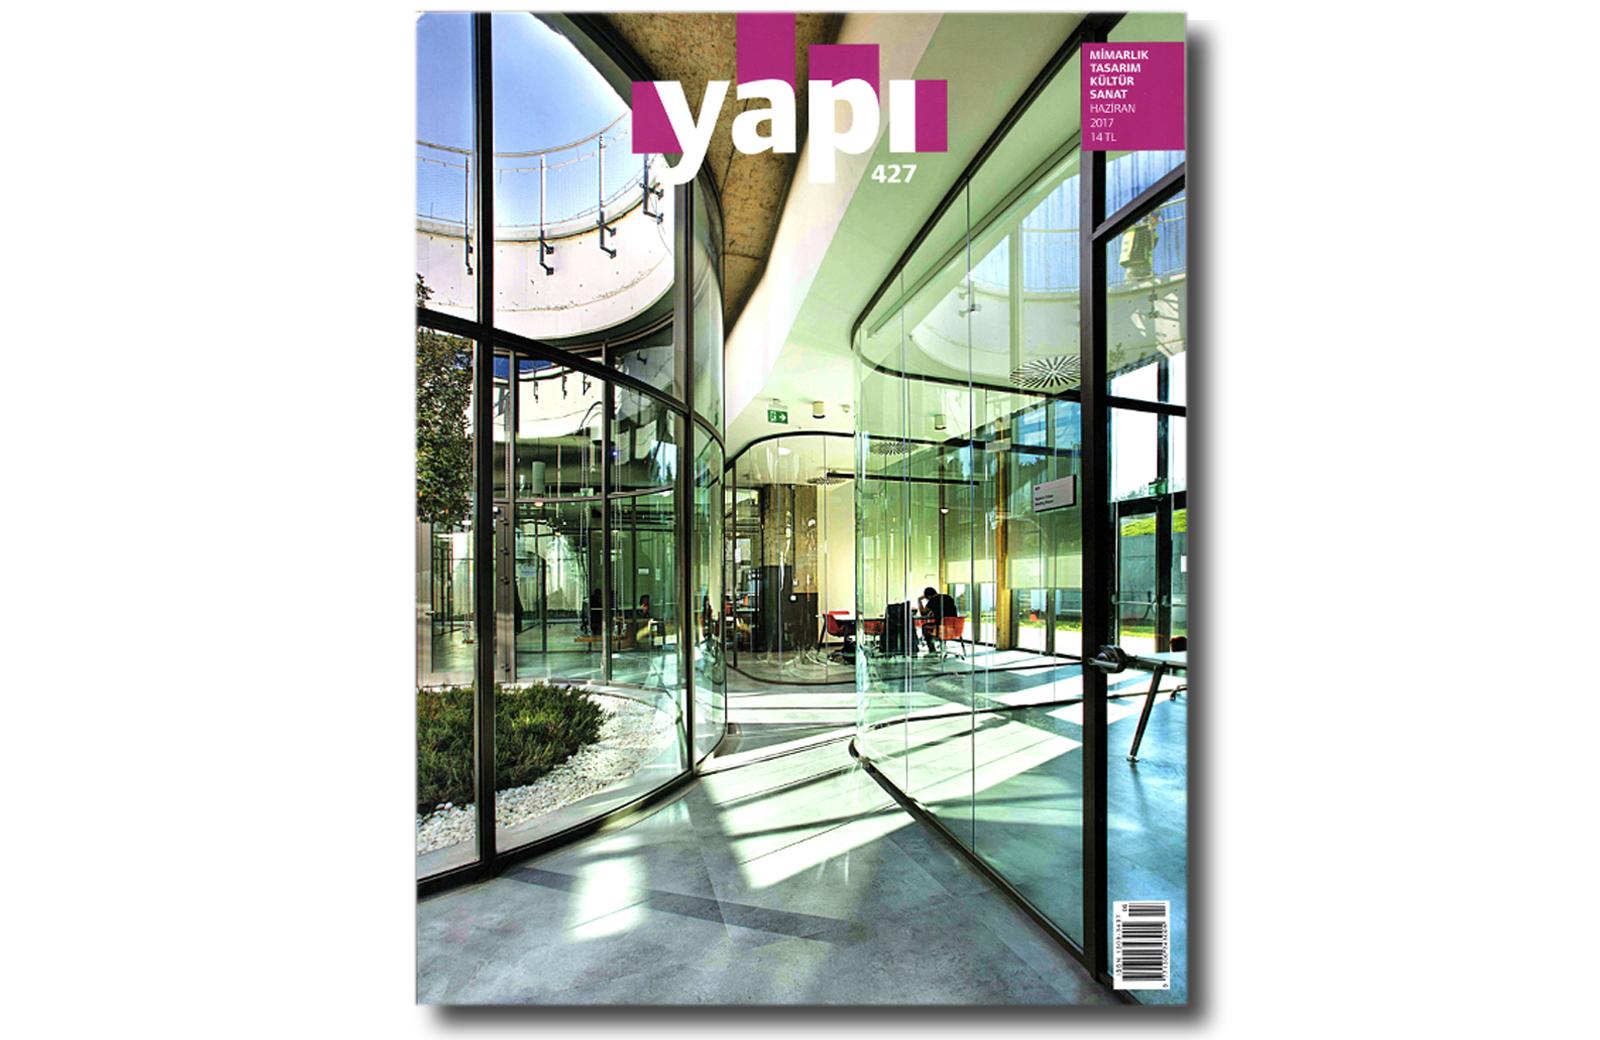 yapi-magazine_mmhouse_portada